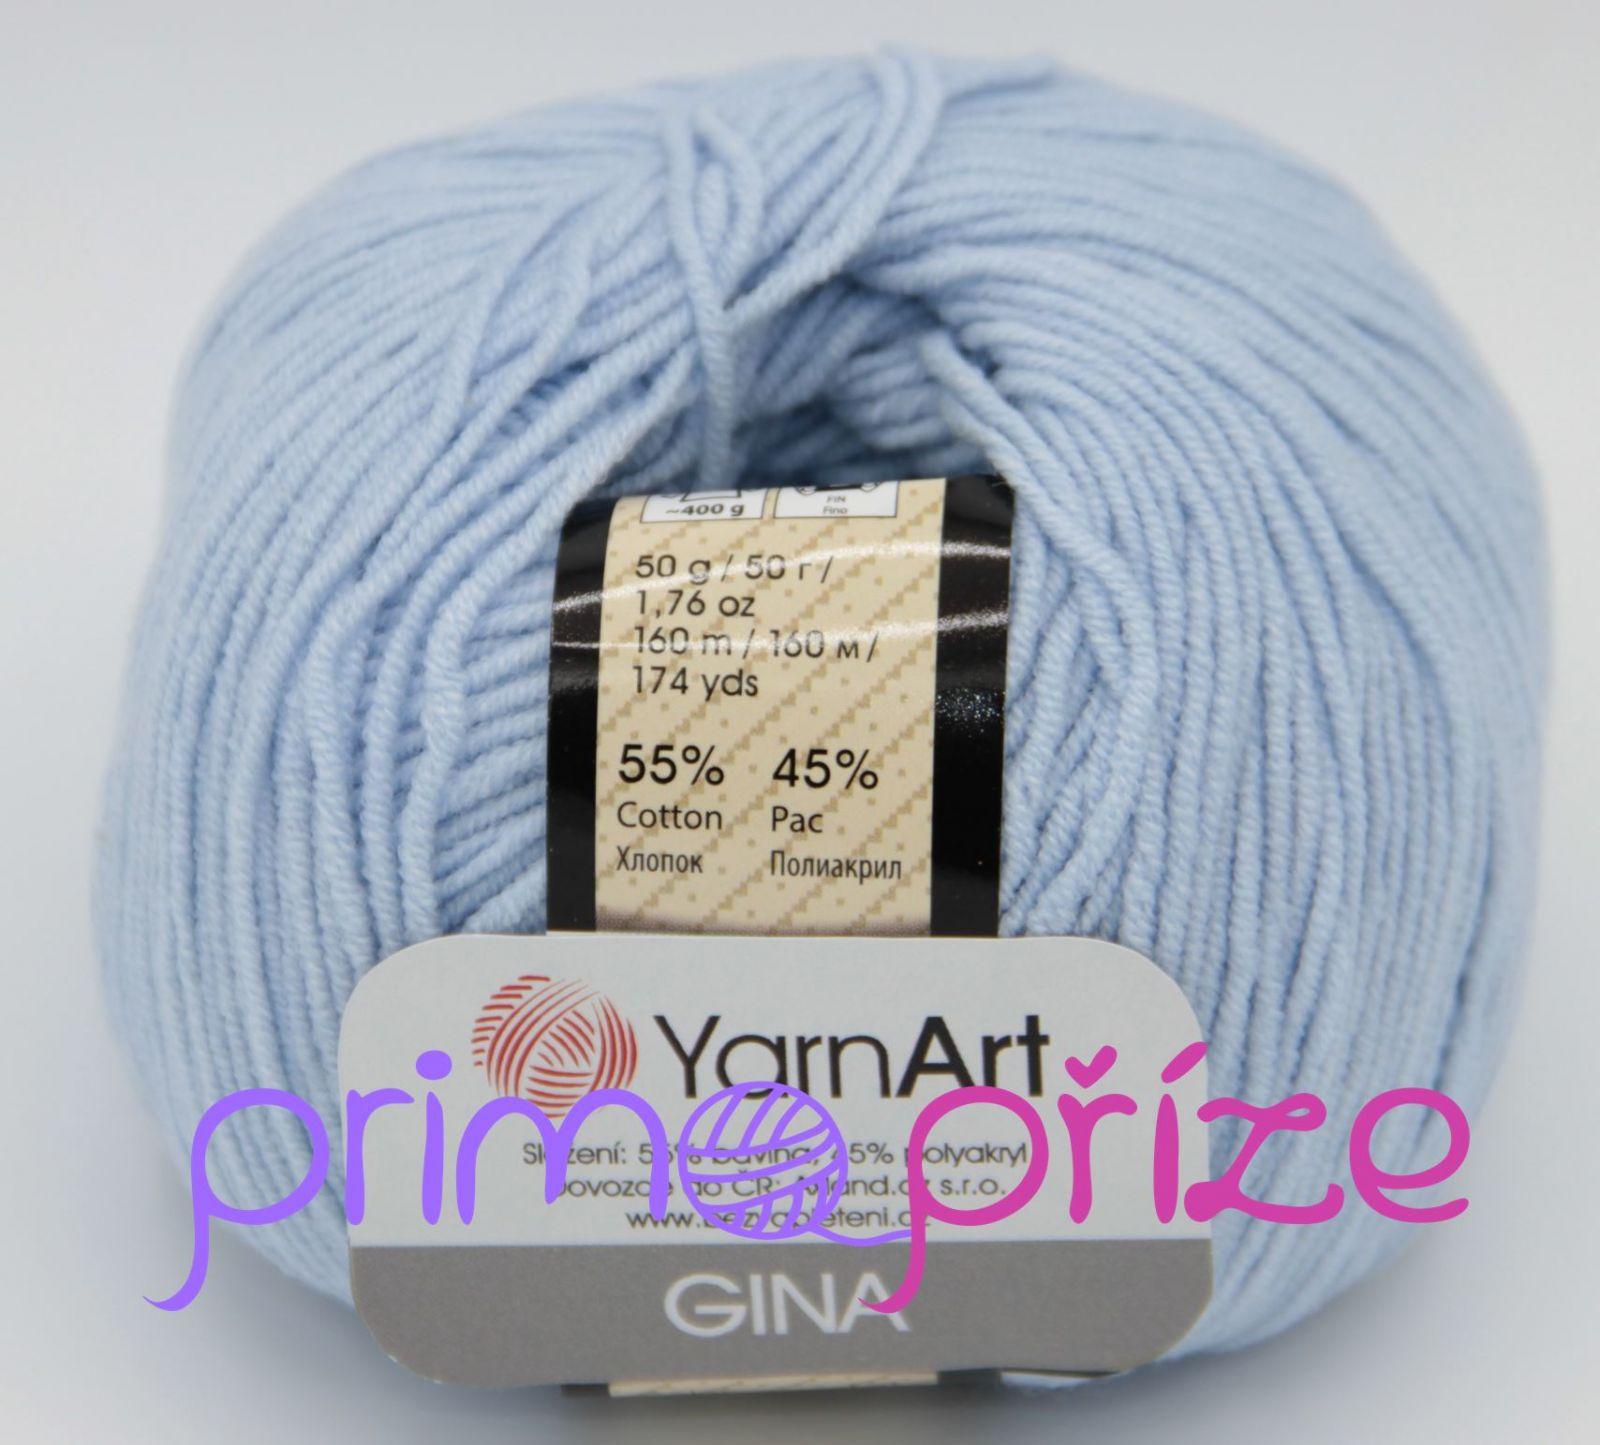 YarnArt Jeans/Gina 75 světle modrá